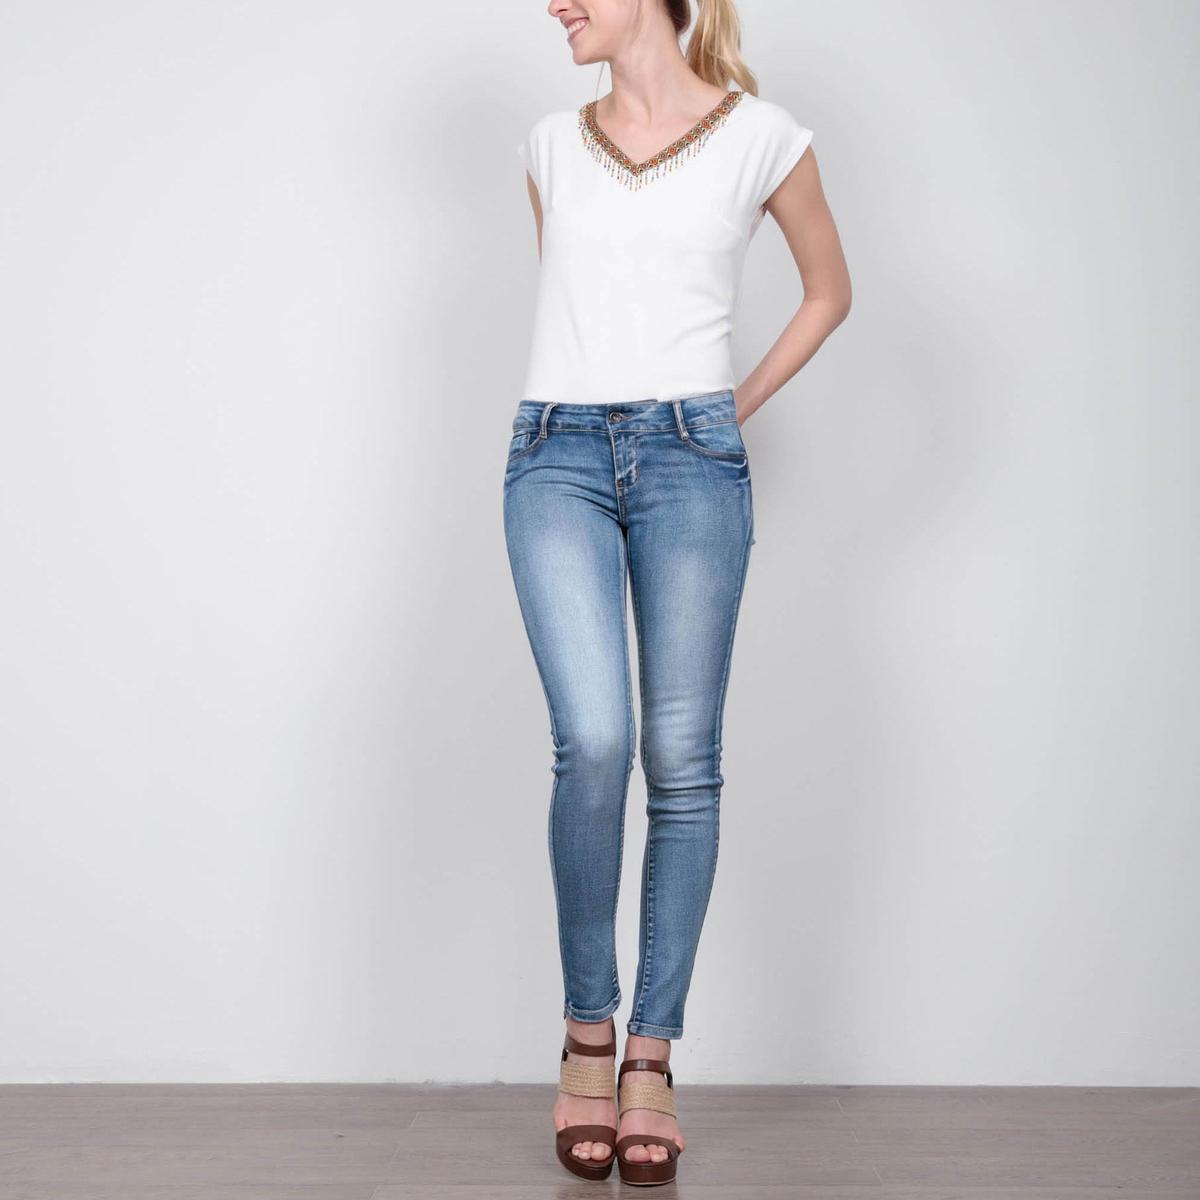 Джинсы скинни, длина 32Материал : 4% вискозы, 72% хлопка, 2% эластана, 22% полиэстера  Высота пояса : стандартная Покрой джинсов : скинни Длина джинсов : длина 32<br><br>Цвет: синий потертый<br>Размер: 38 (FR) - 44 (RUS).42 (FR) - 48 (RUS)